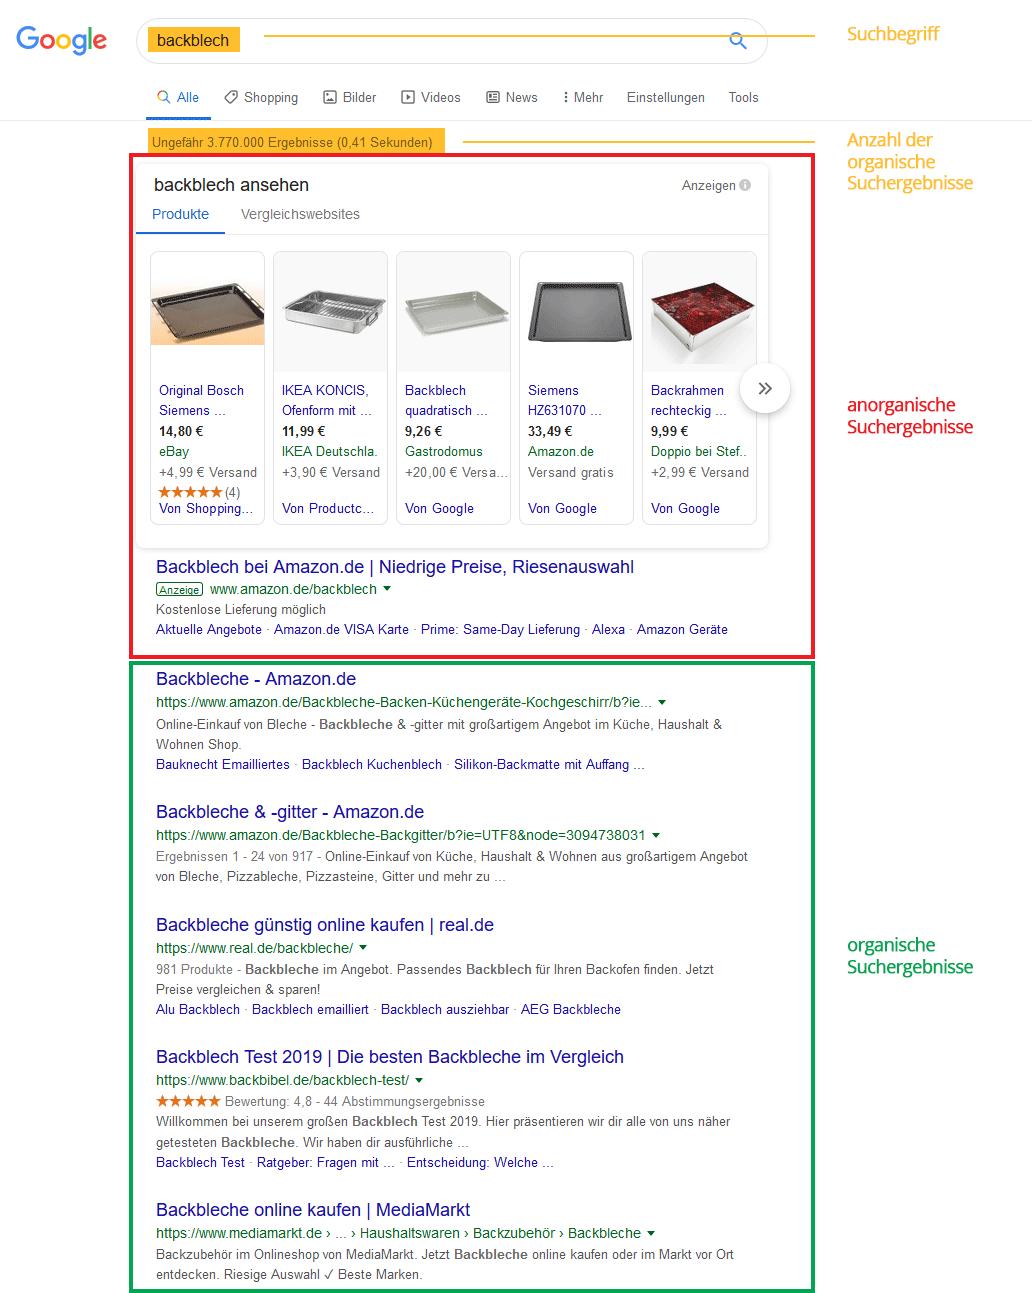 organic-search-google-suchergebnisse